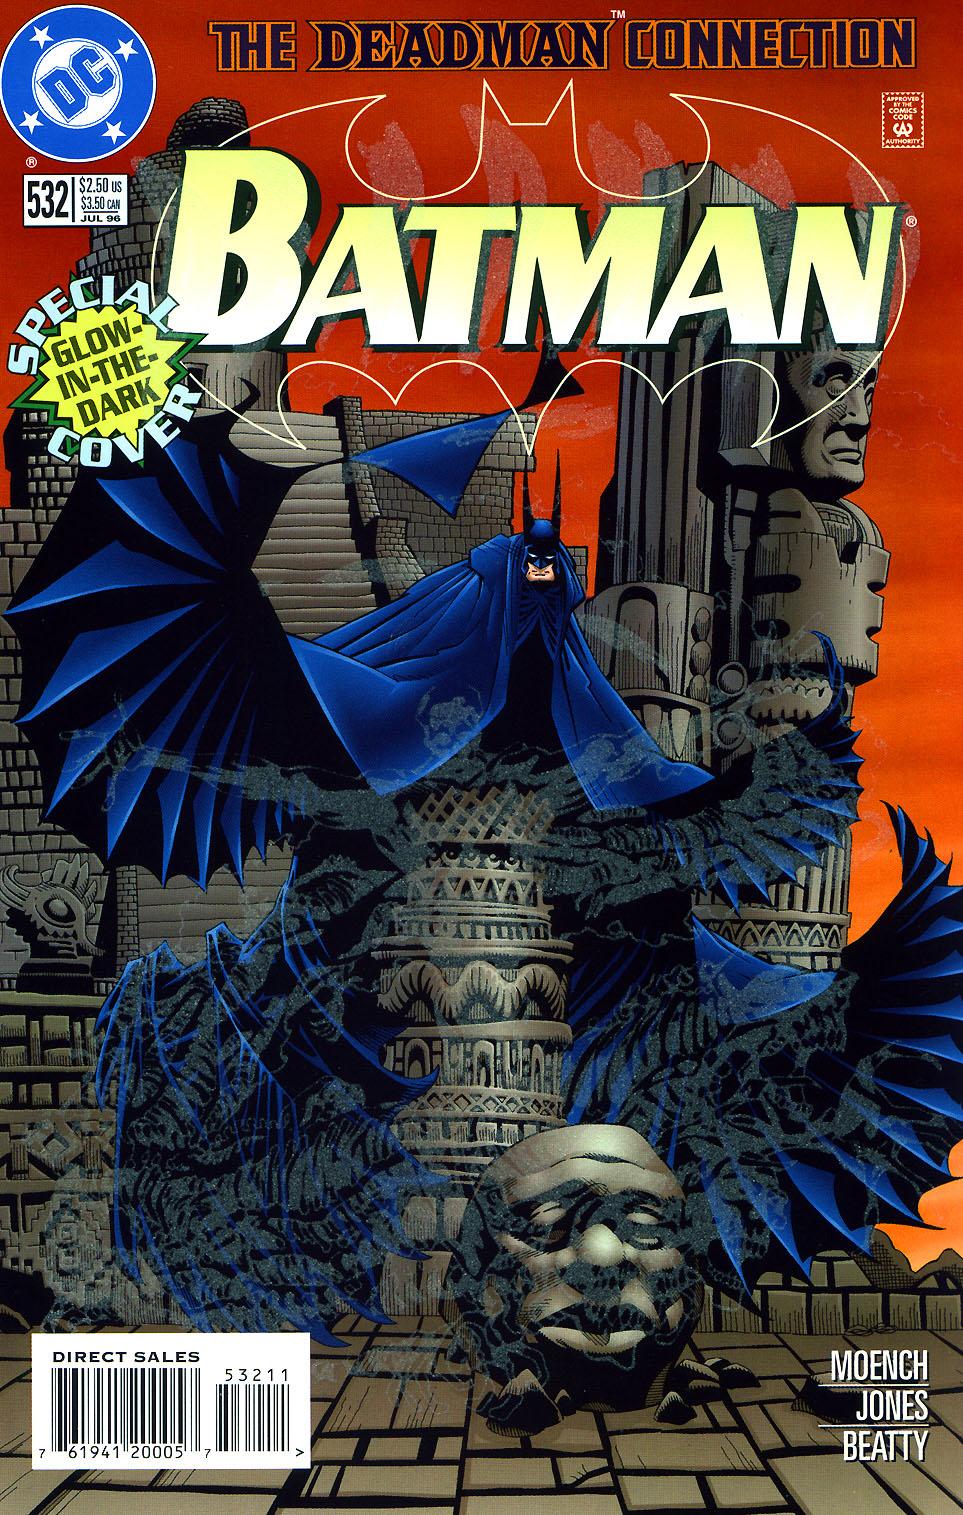 Batman_532B.jpg